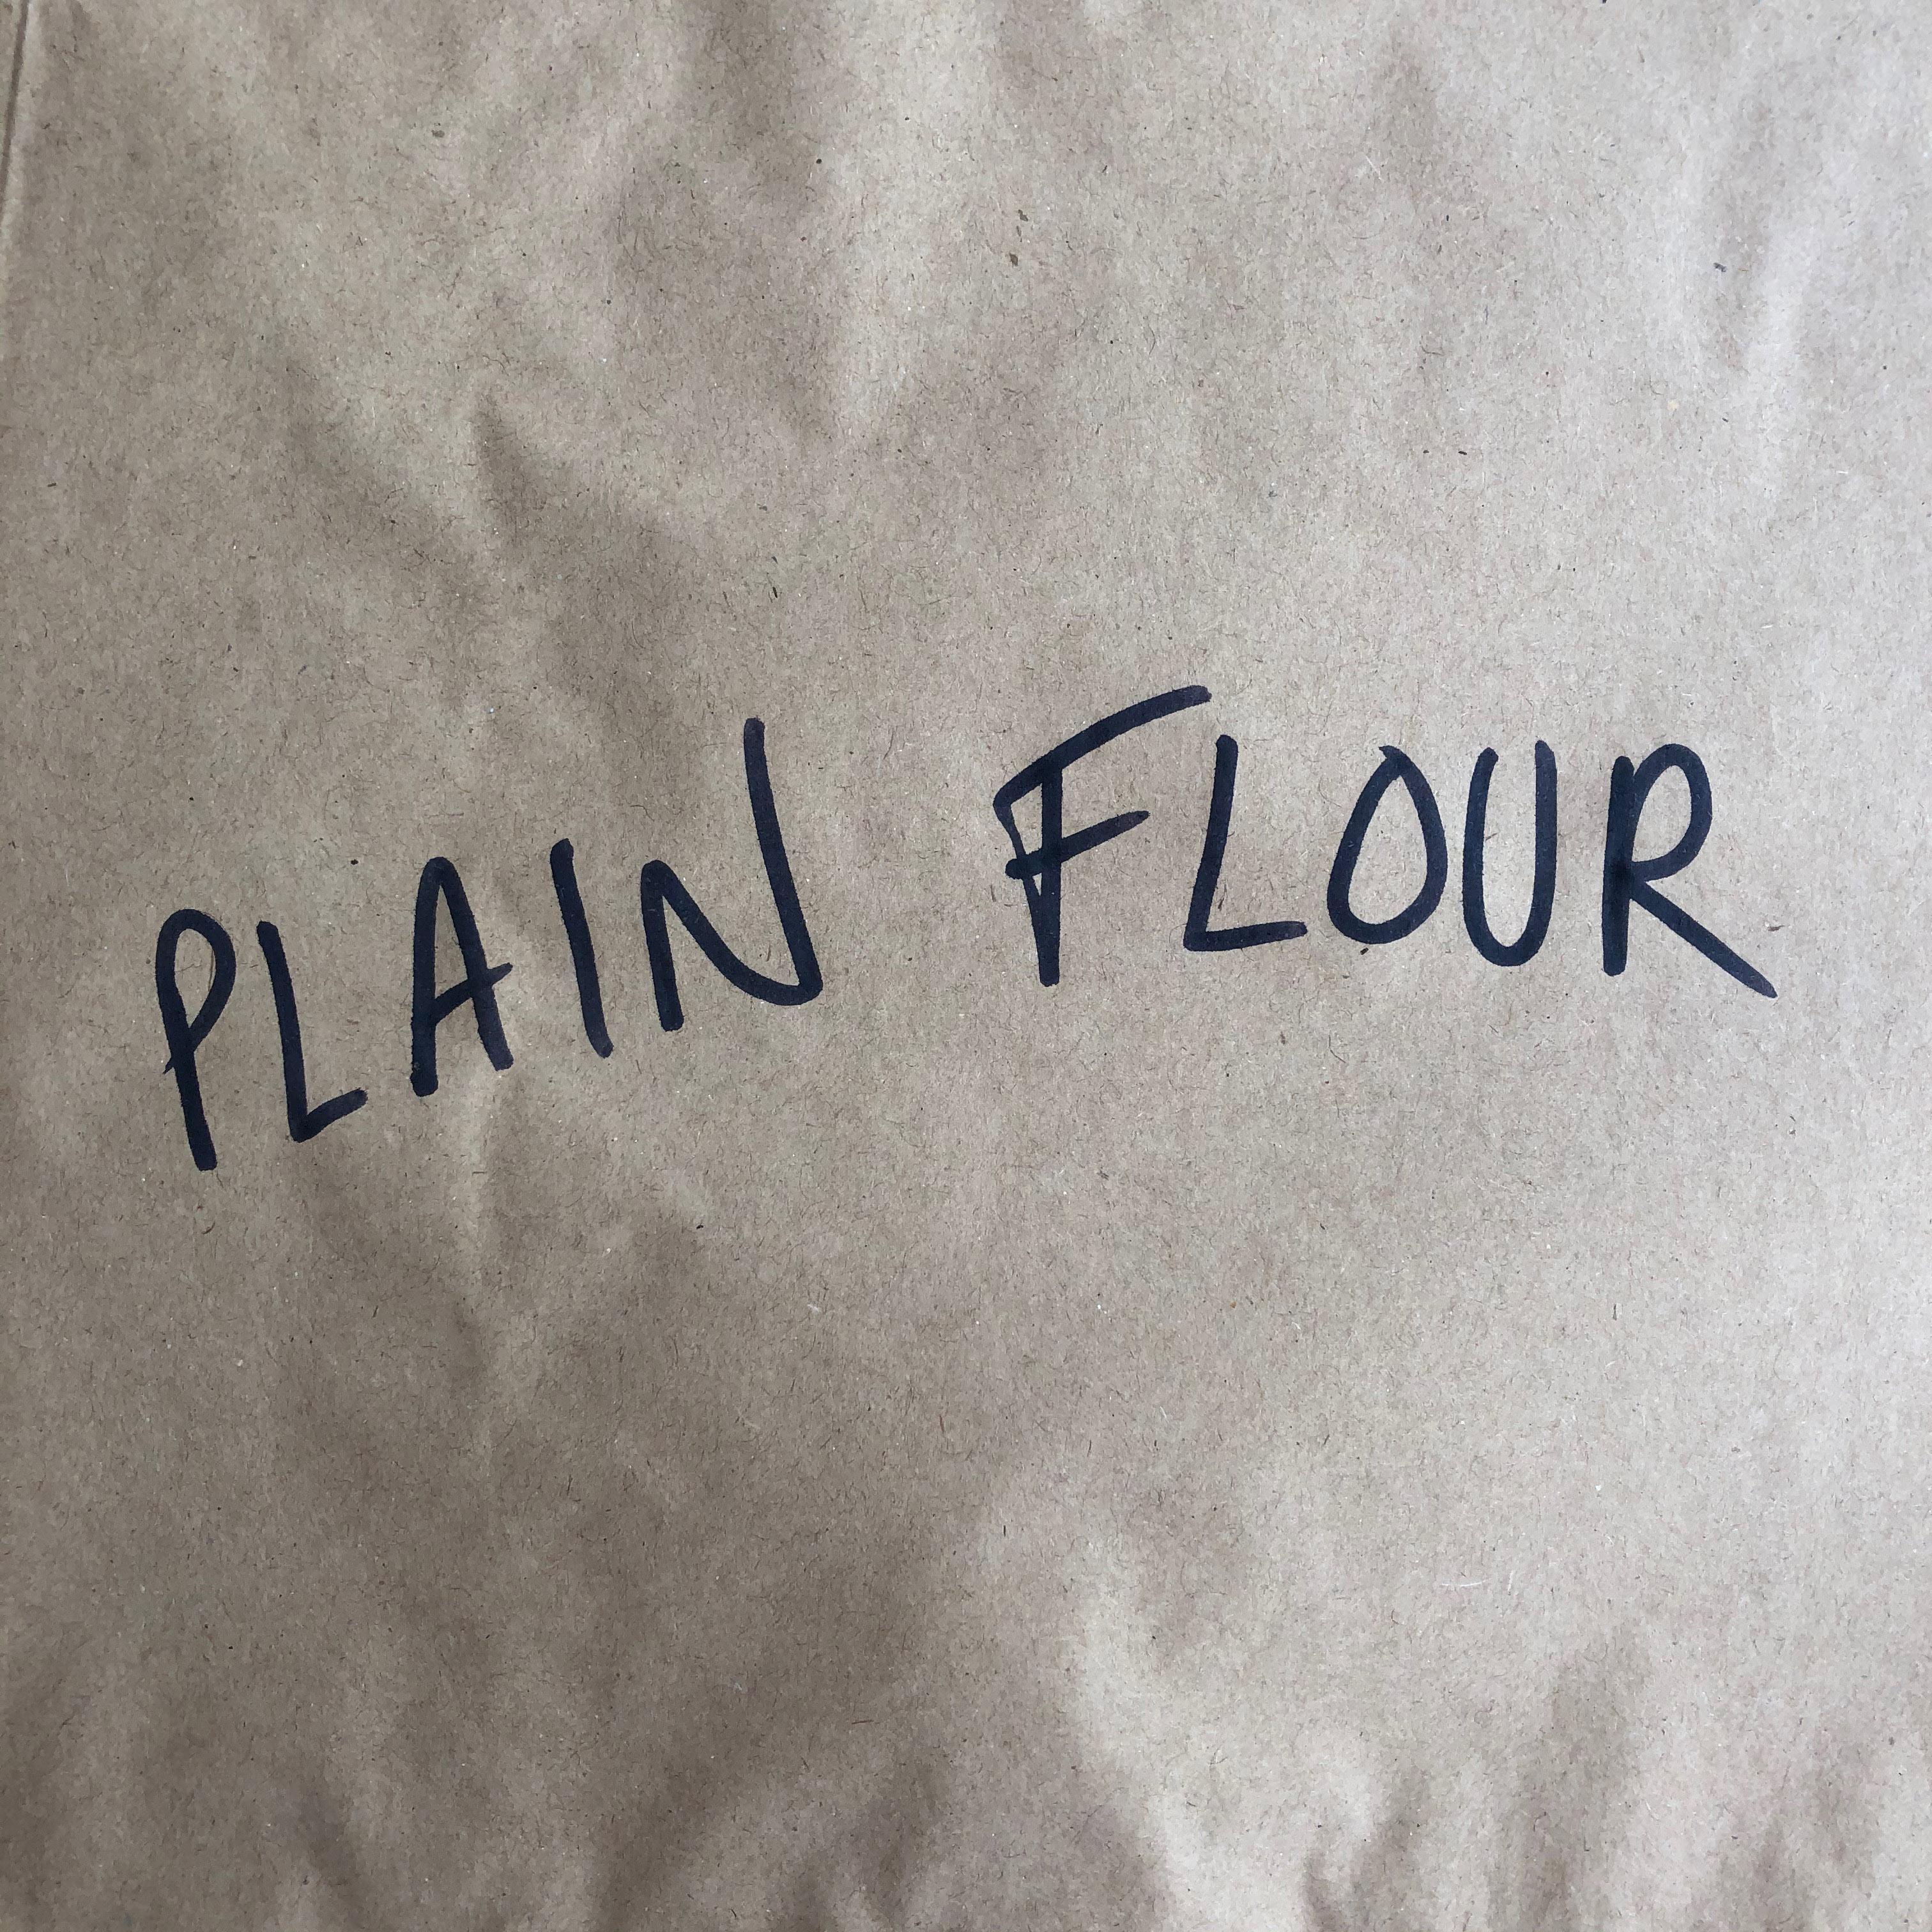 Plain Flour (1KG)